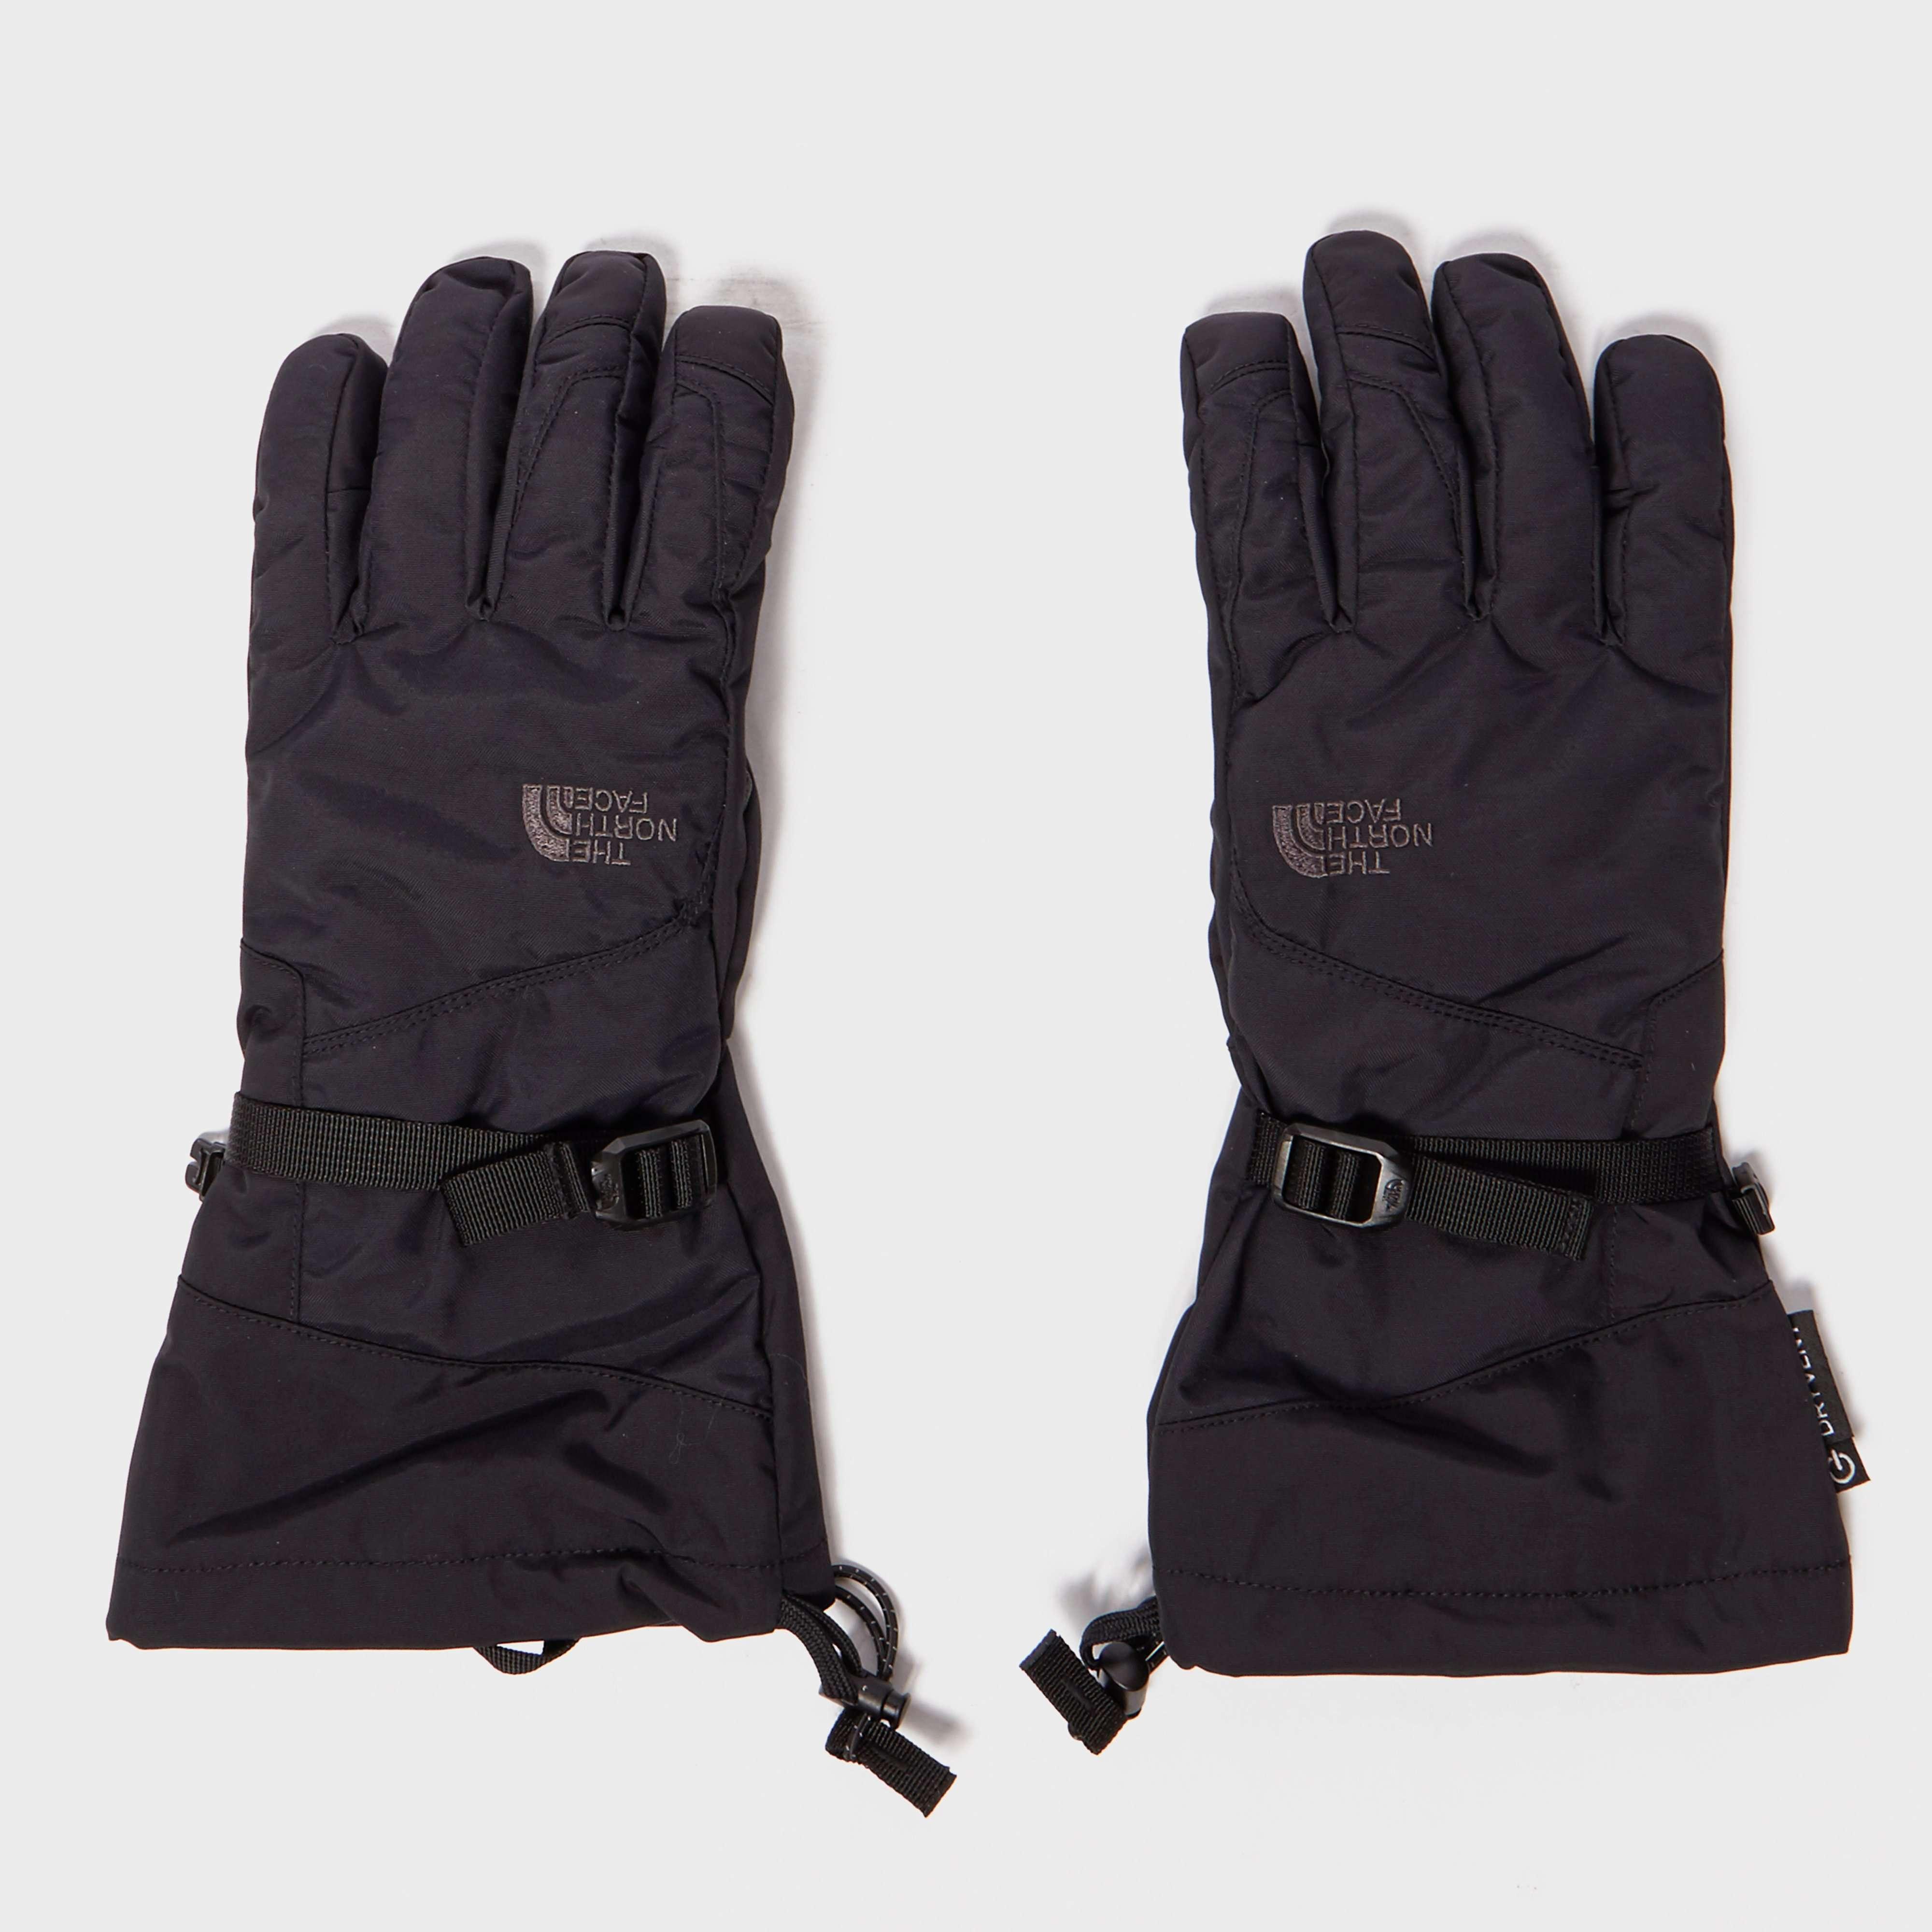 THE NORTH FACE Men's Revelstoke Etip Gloves